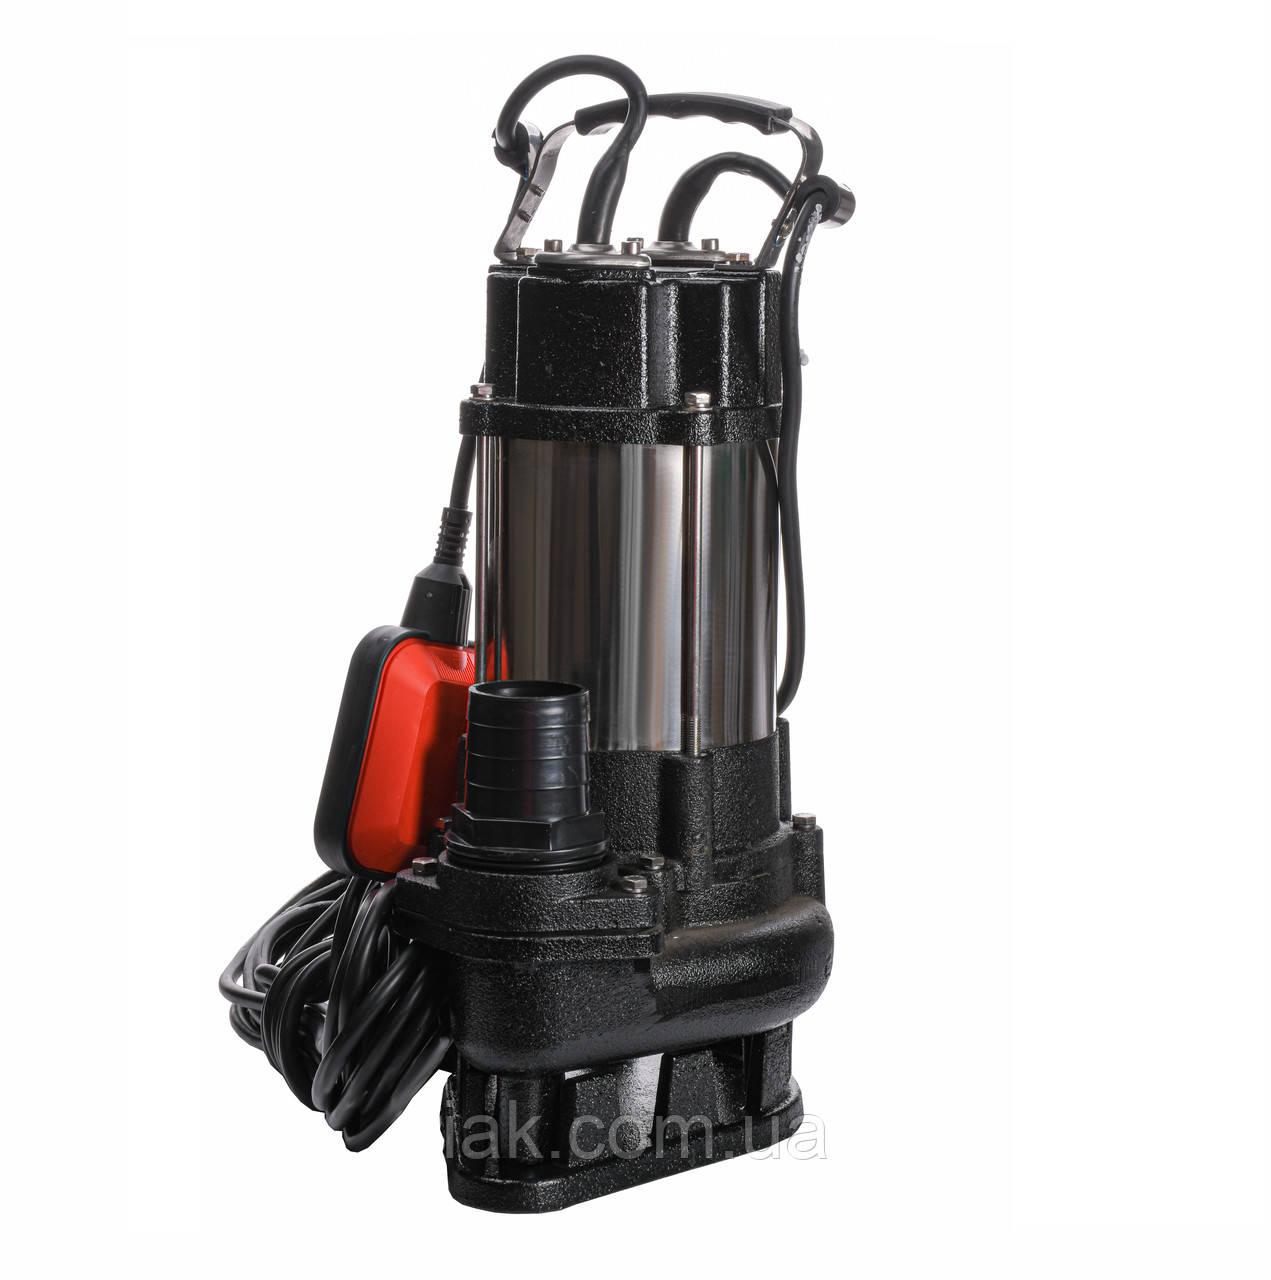 Насос фекальный с режущим механизмом VOLKS V 750 DF 0,75 кВт